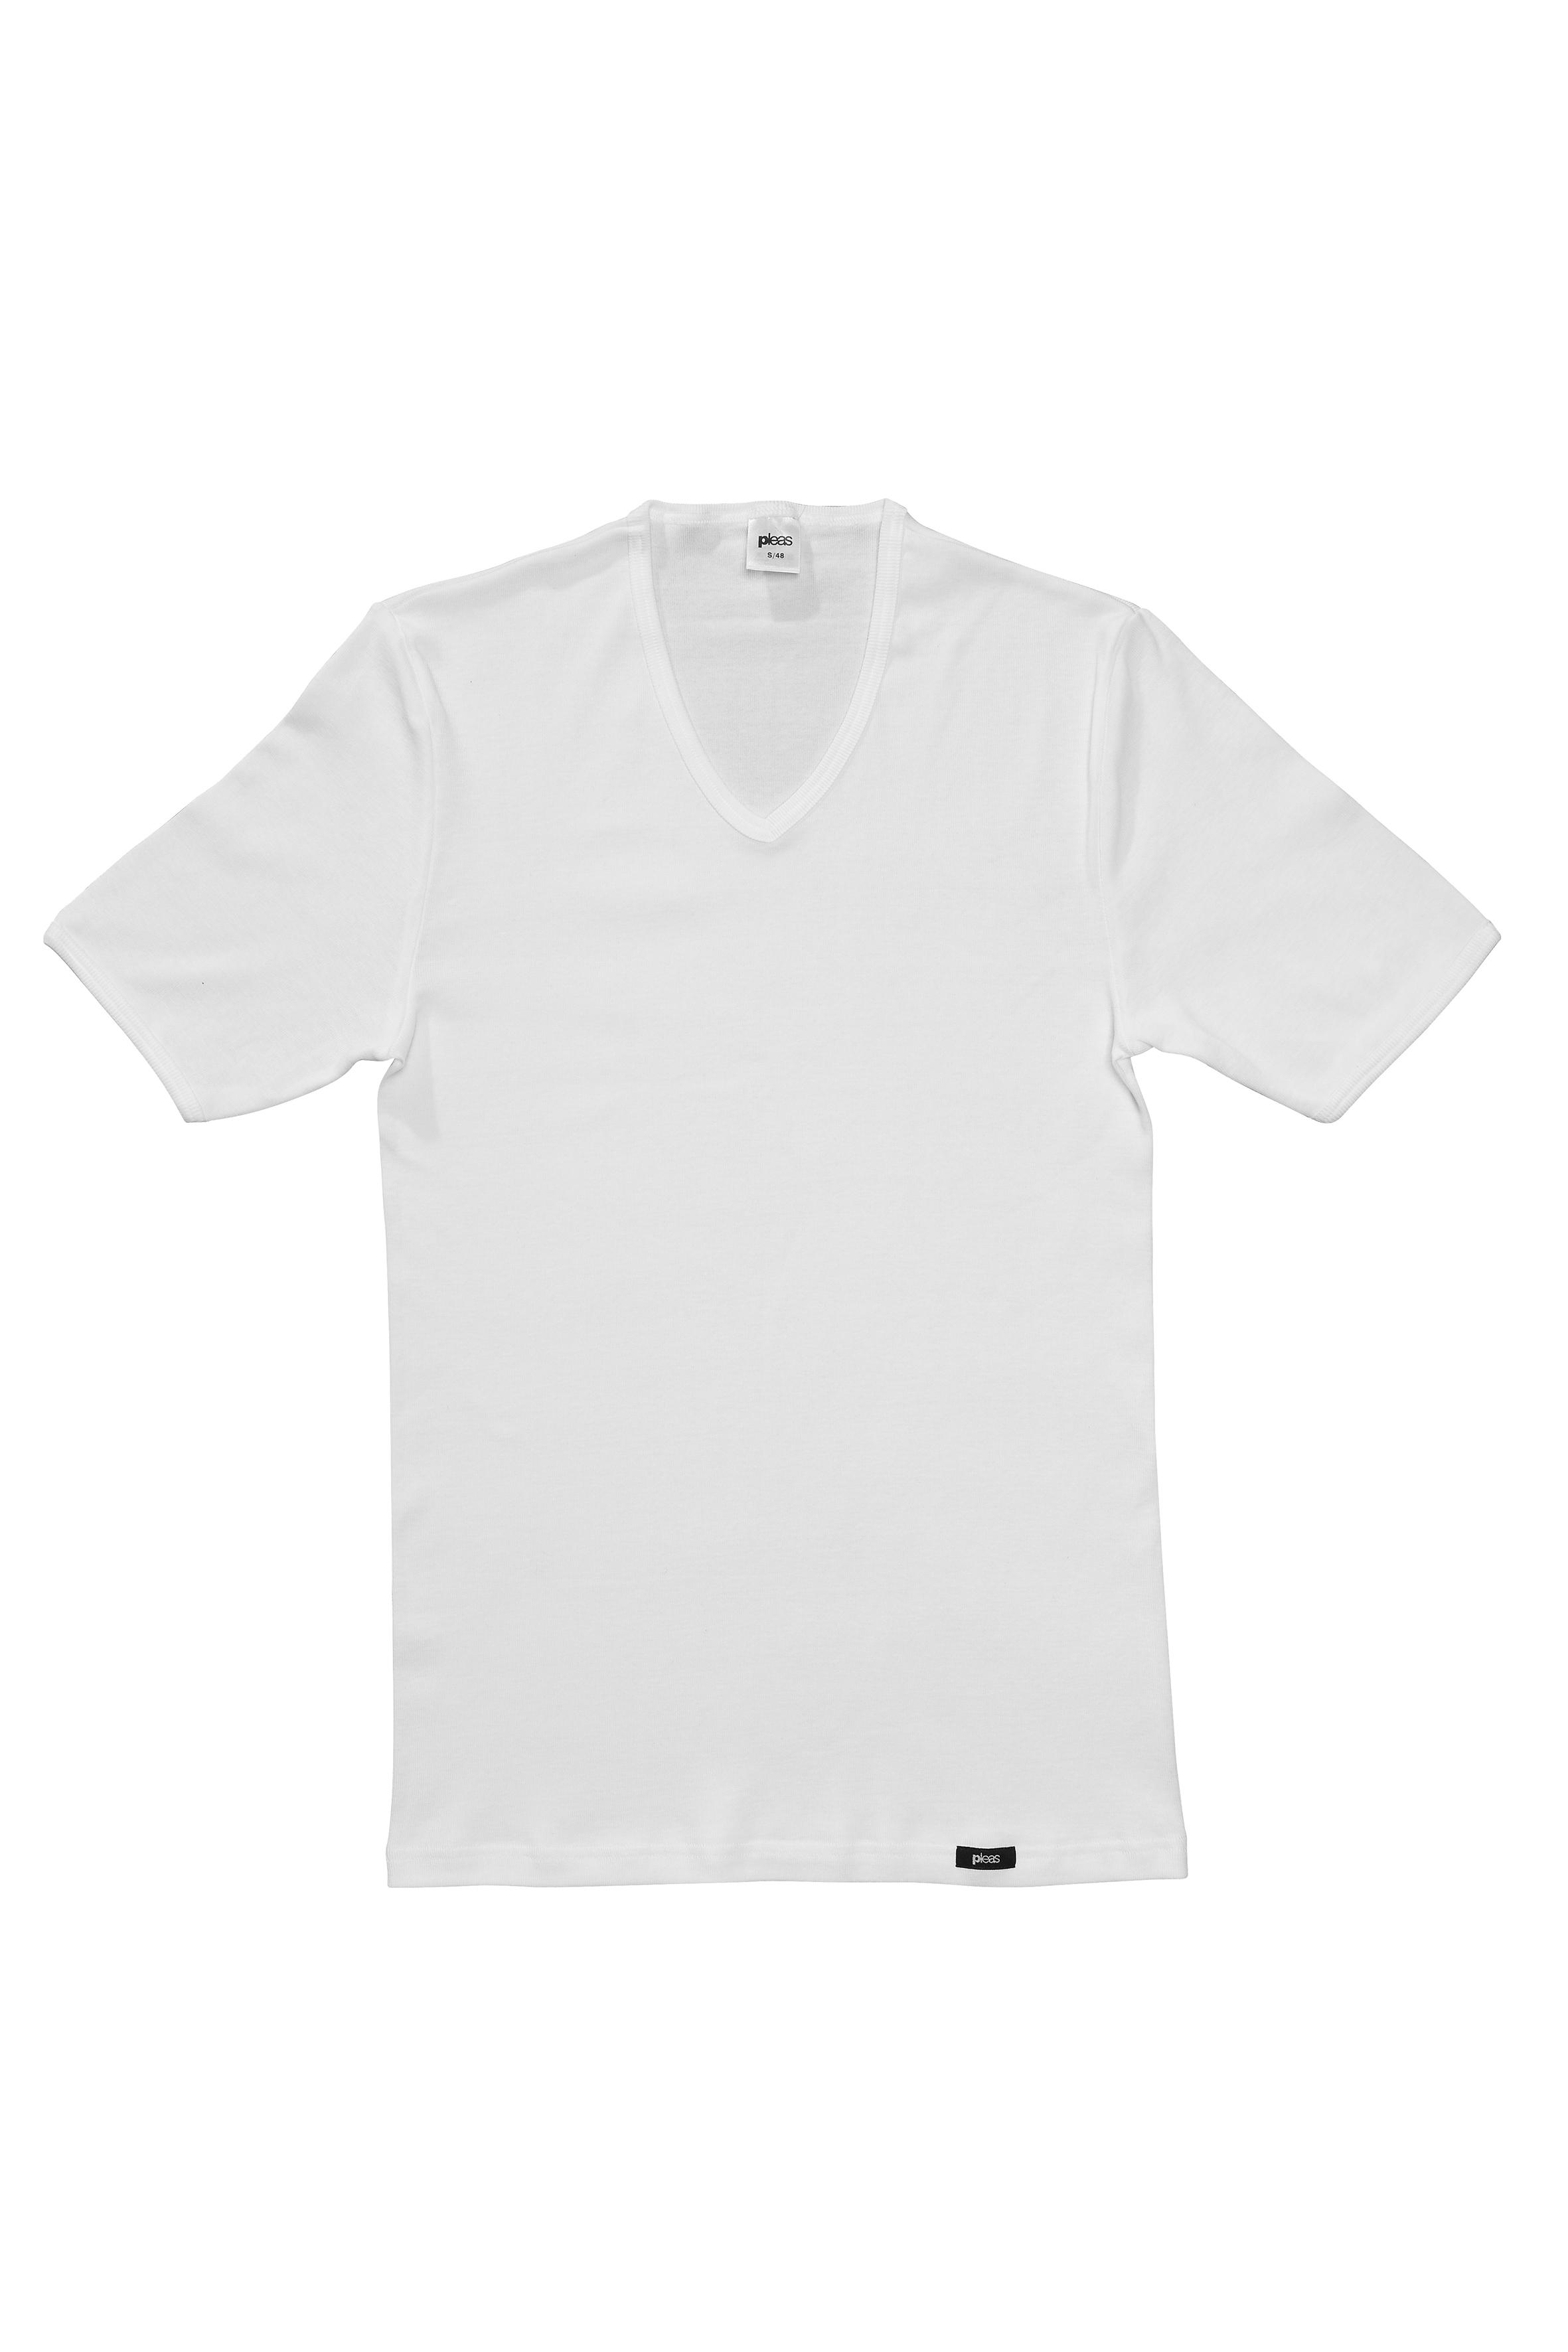 b575bed1dc45 Pánske tričko s krátkym rukávom a výstrihom do